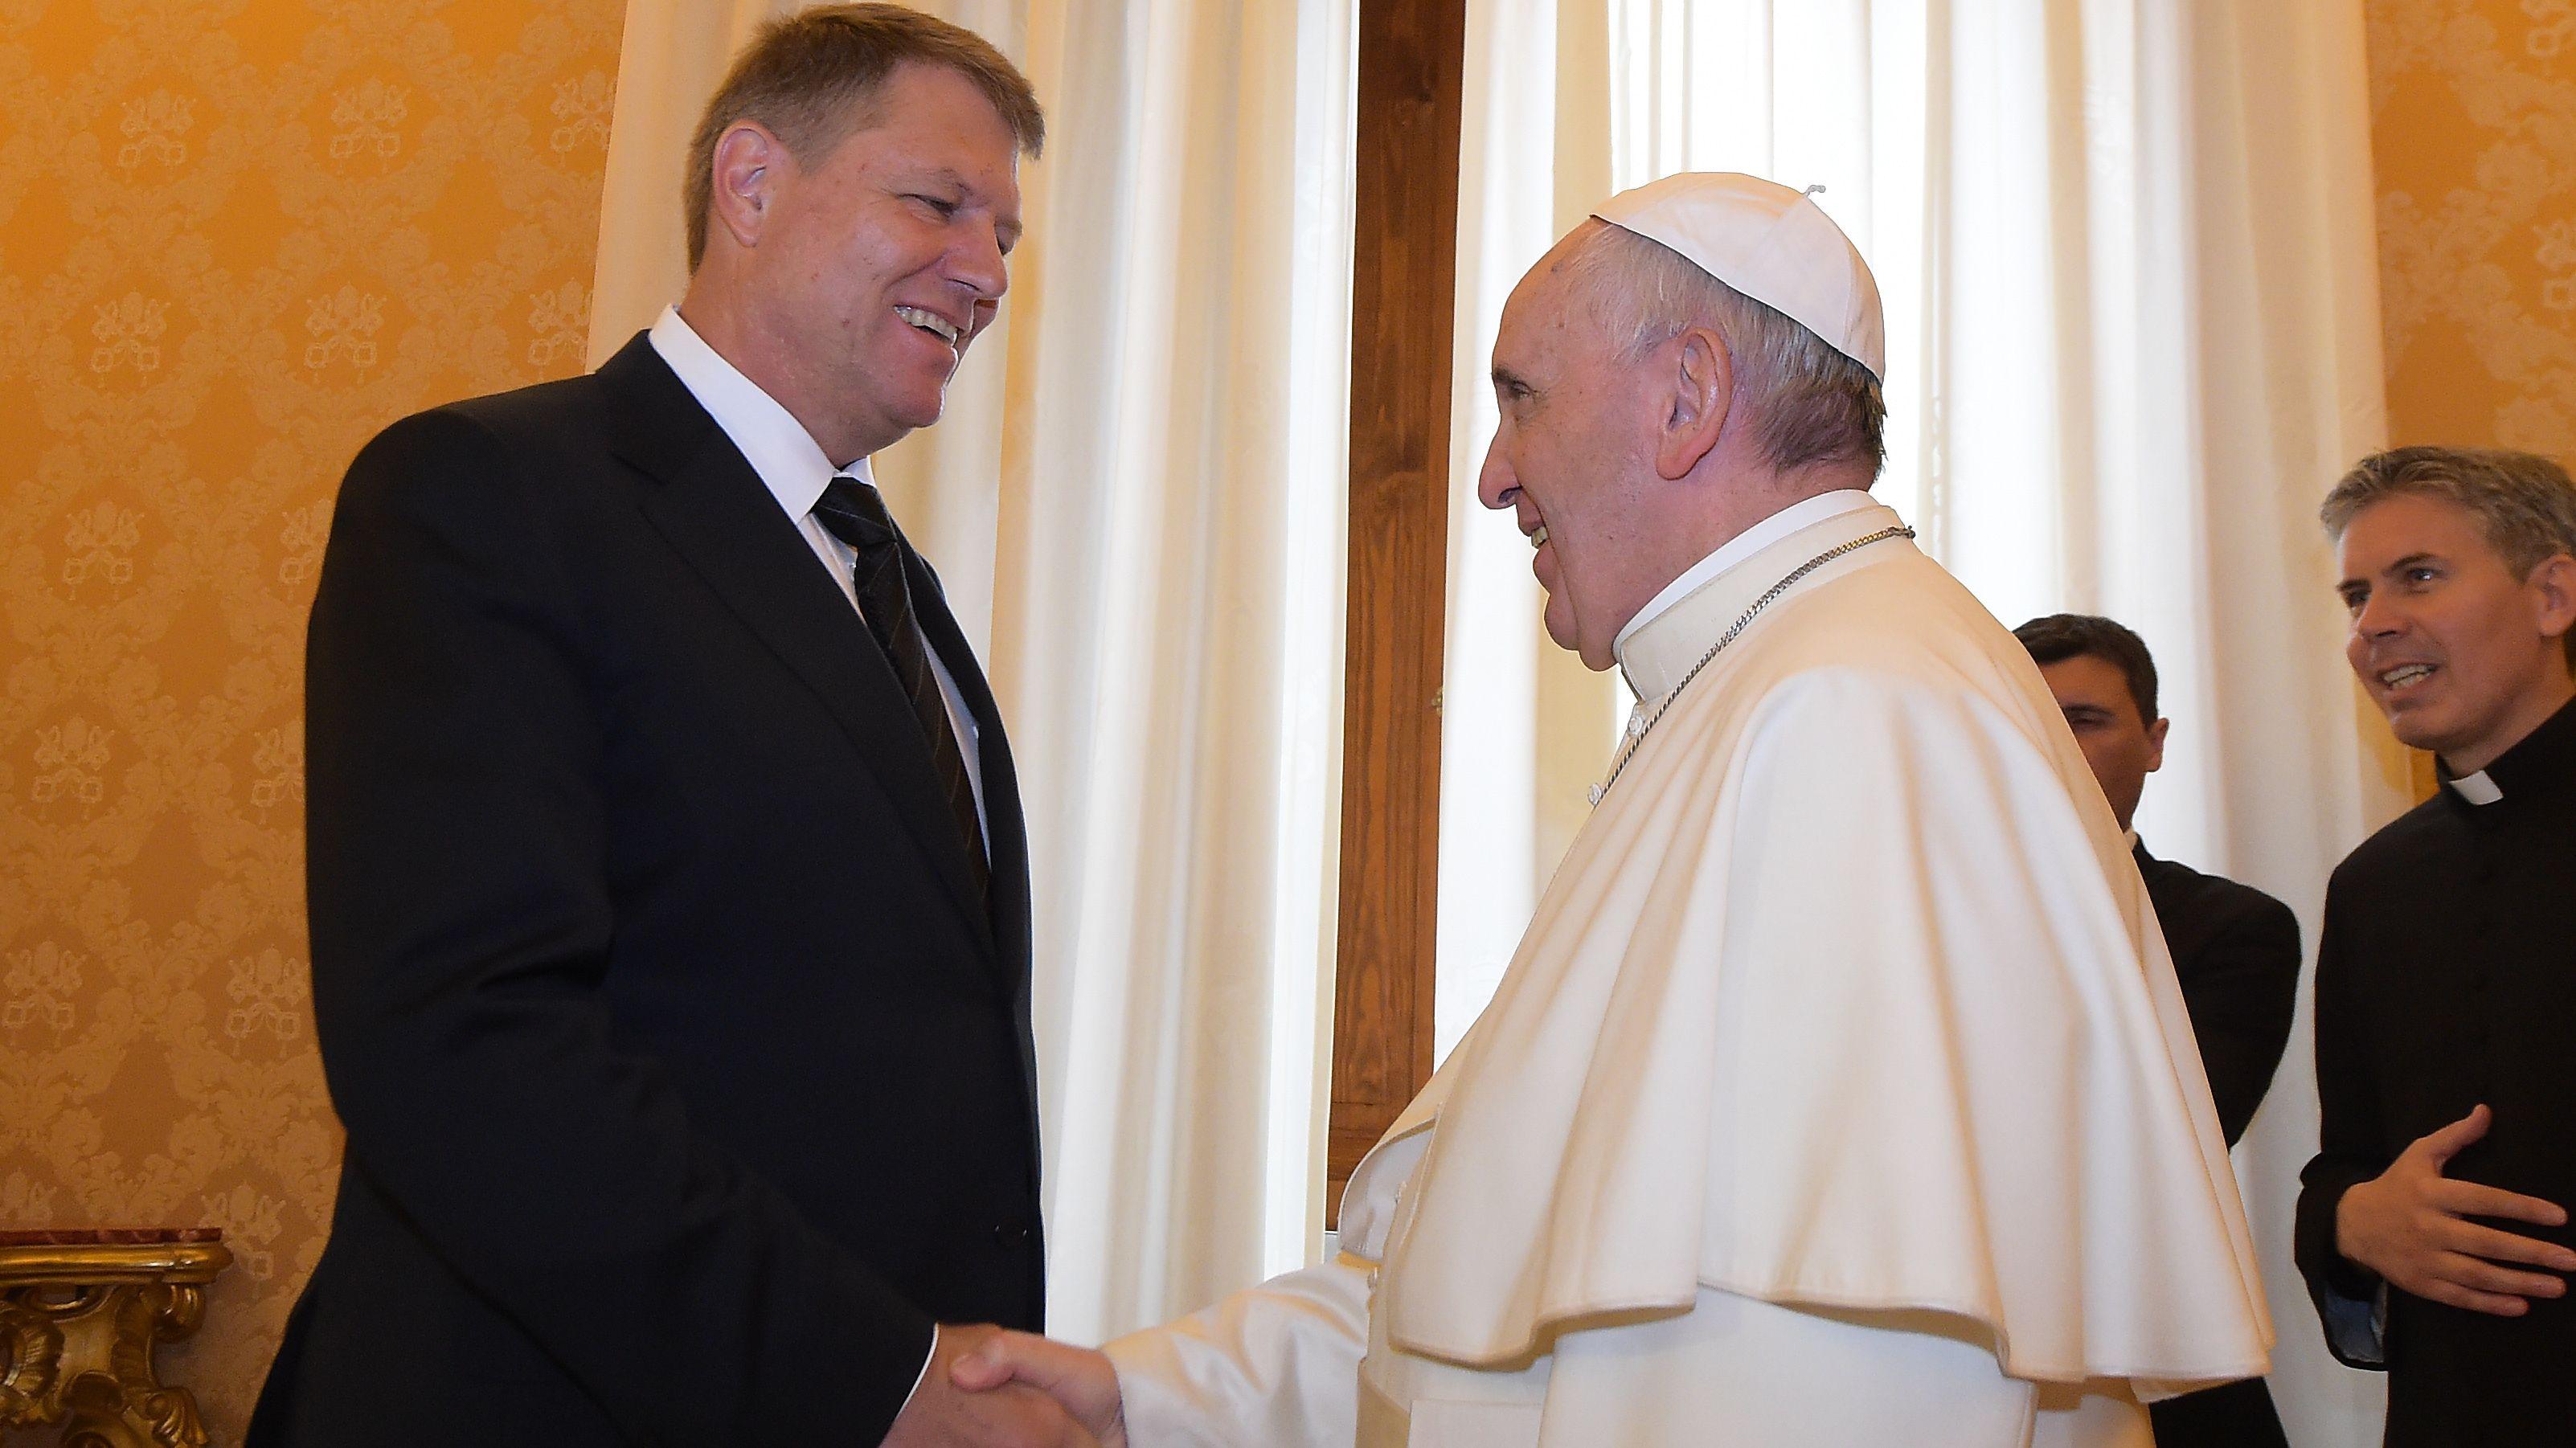 Papst Franziskus mit dem Präsidenten Rumäniens, Klaus Johannis (links) während dessen Besuchs im Vatikan am 15.05.2015